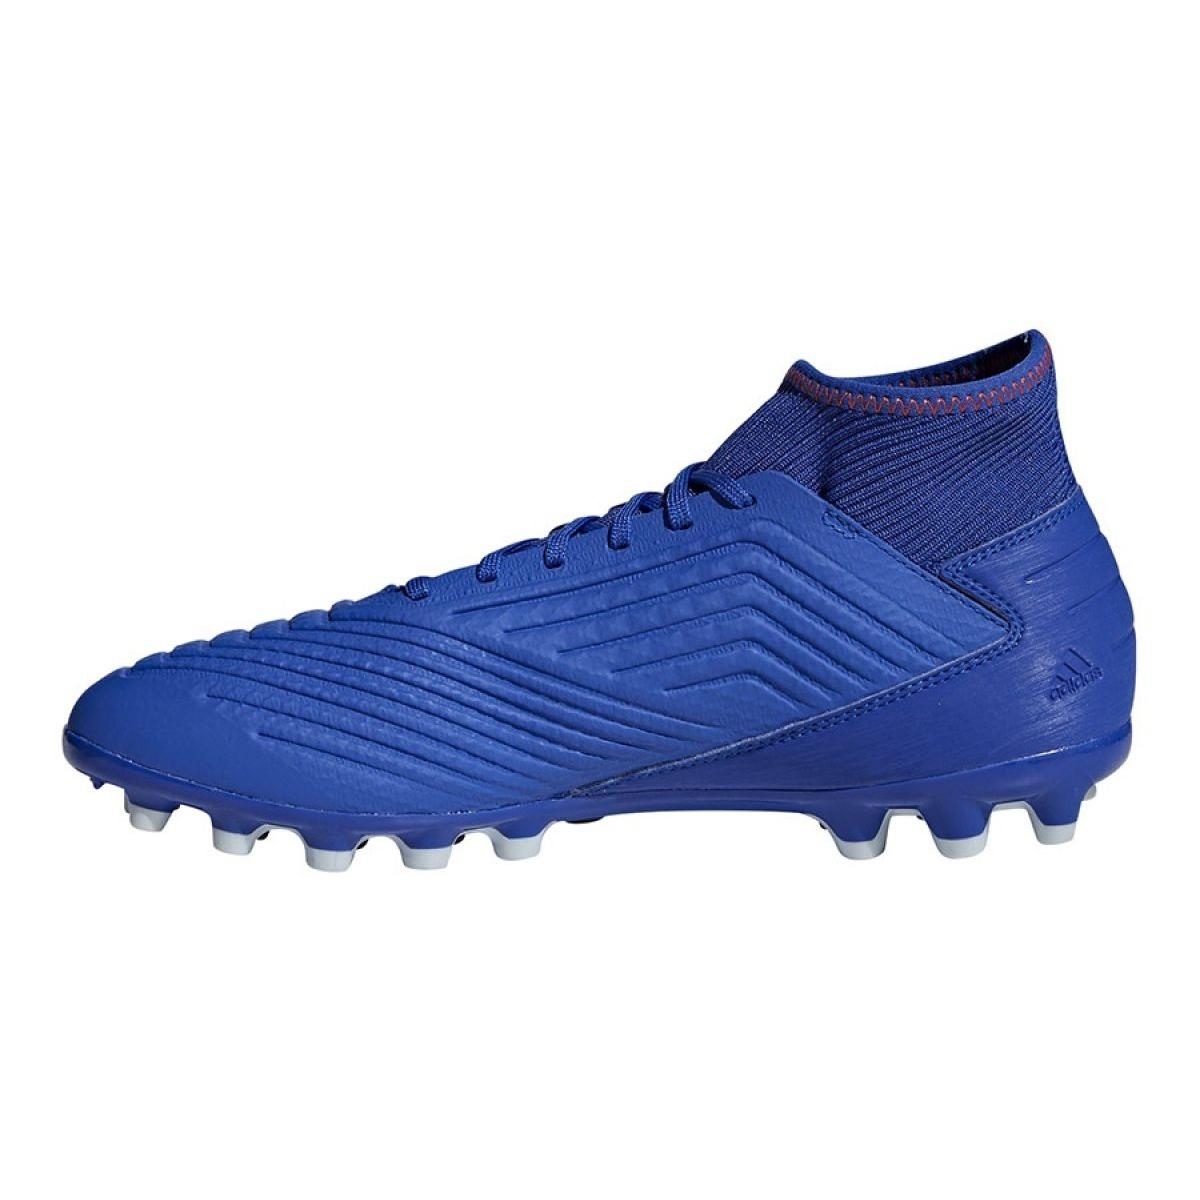 Chuteiras de futebol adidas Predator 19.3 Ag M BC0297 azul azul